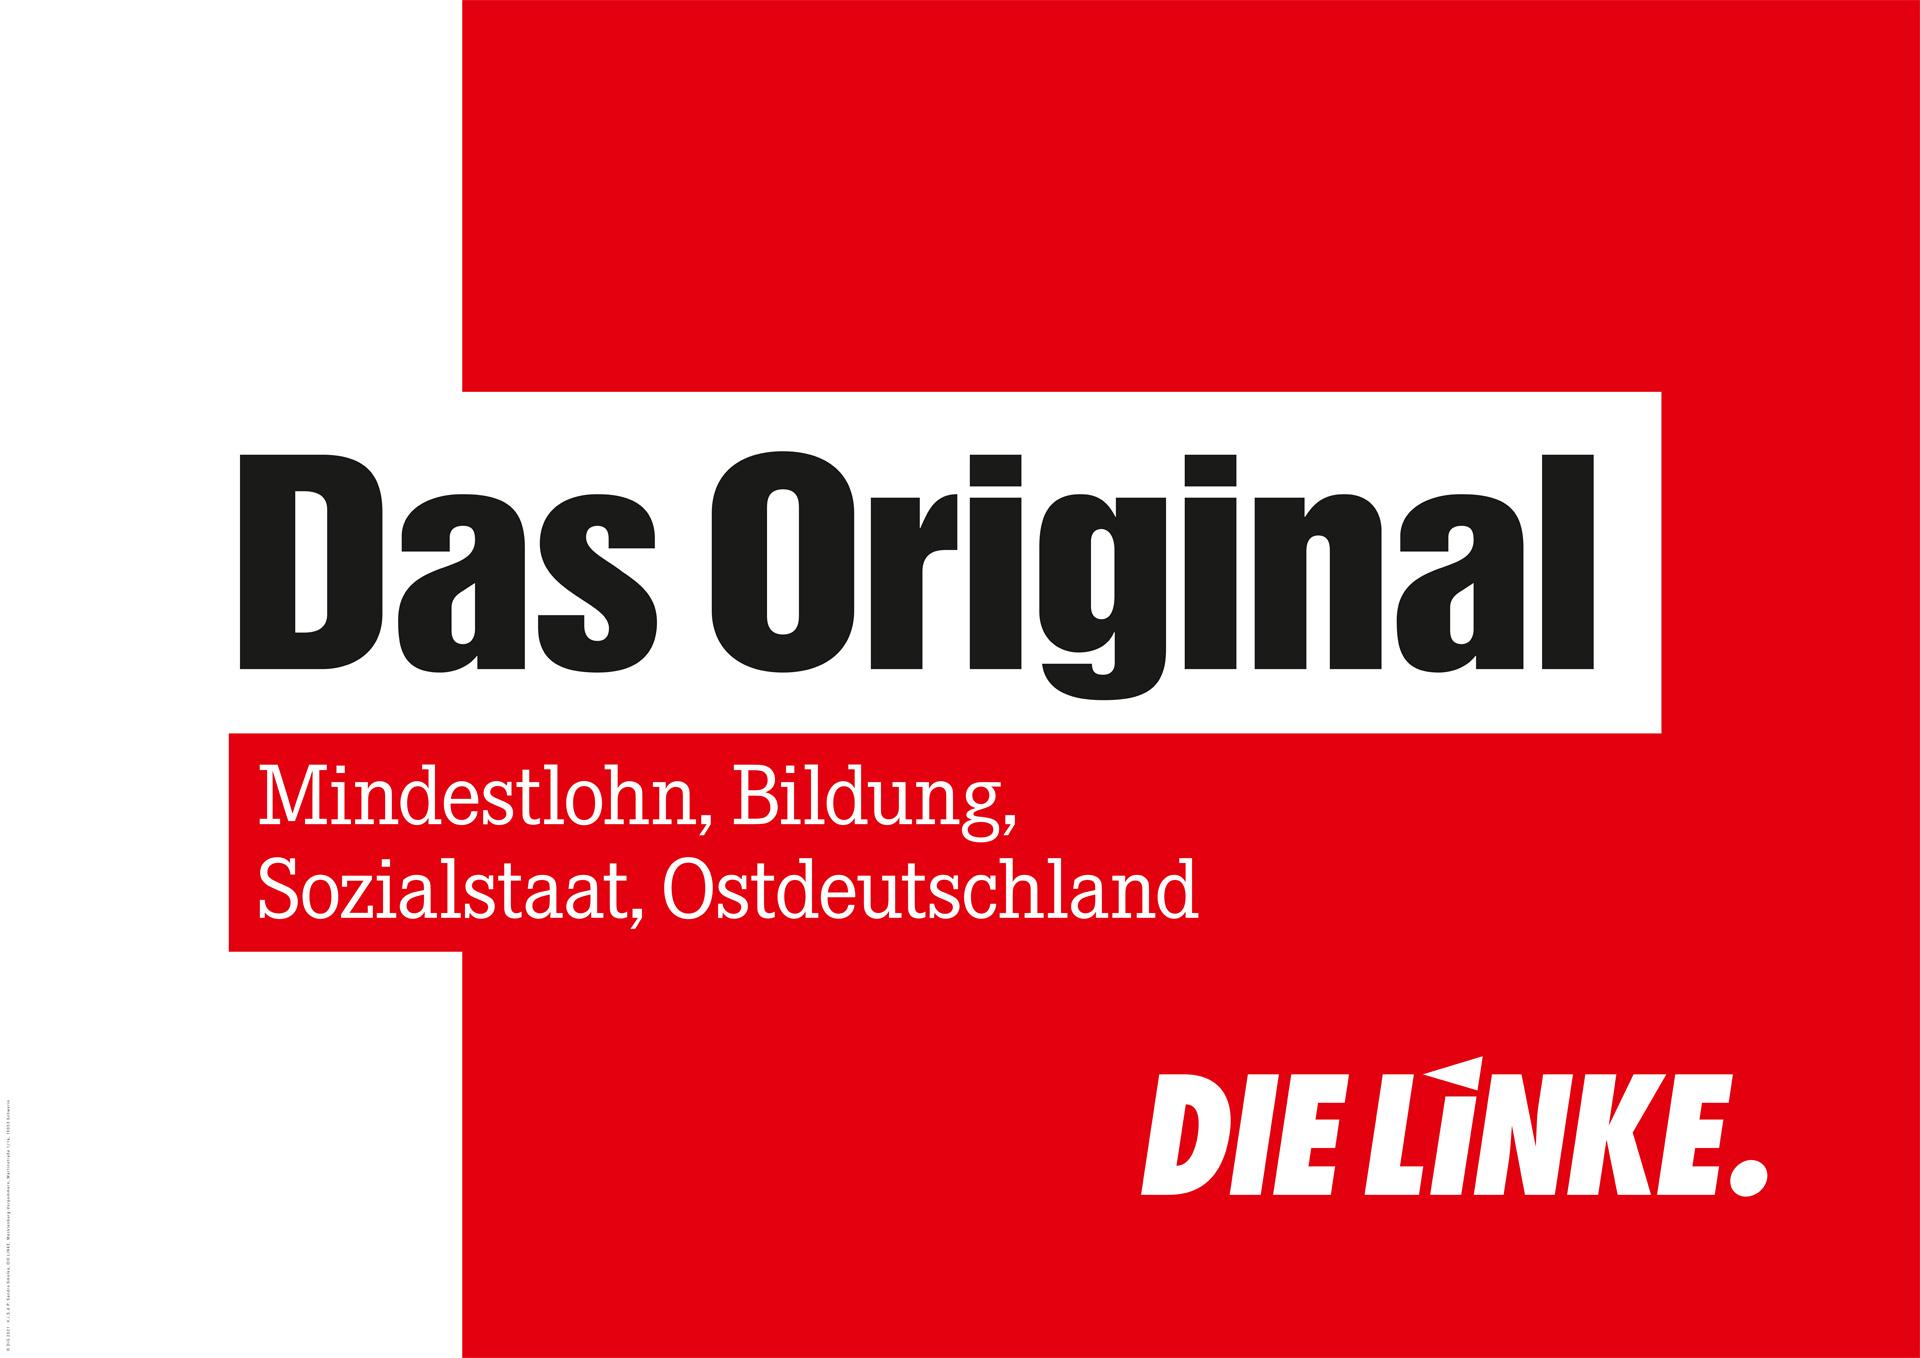 Das Original: Mindestlohn, Bildung, Sozialstaat, Ostdeutschland. DIE LINKE